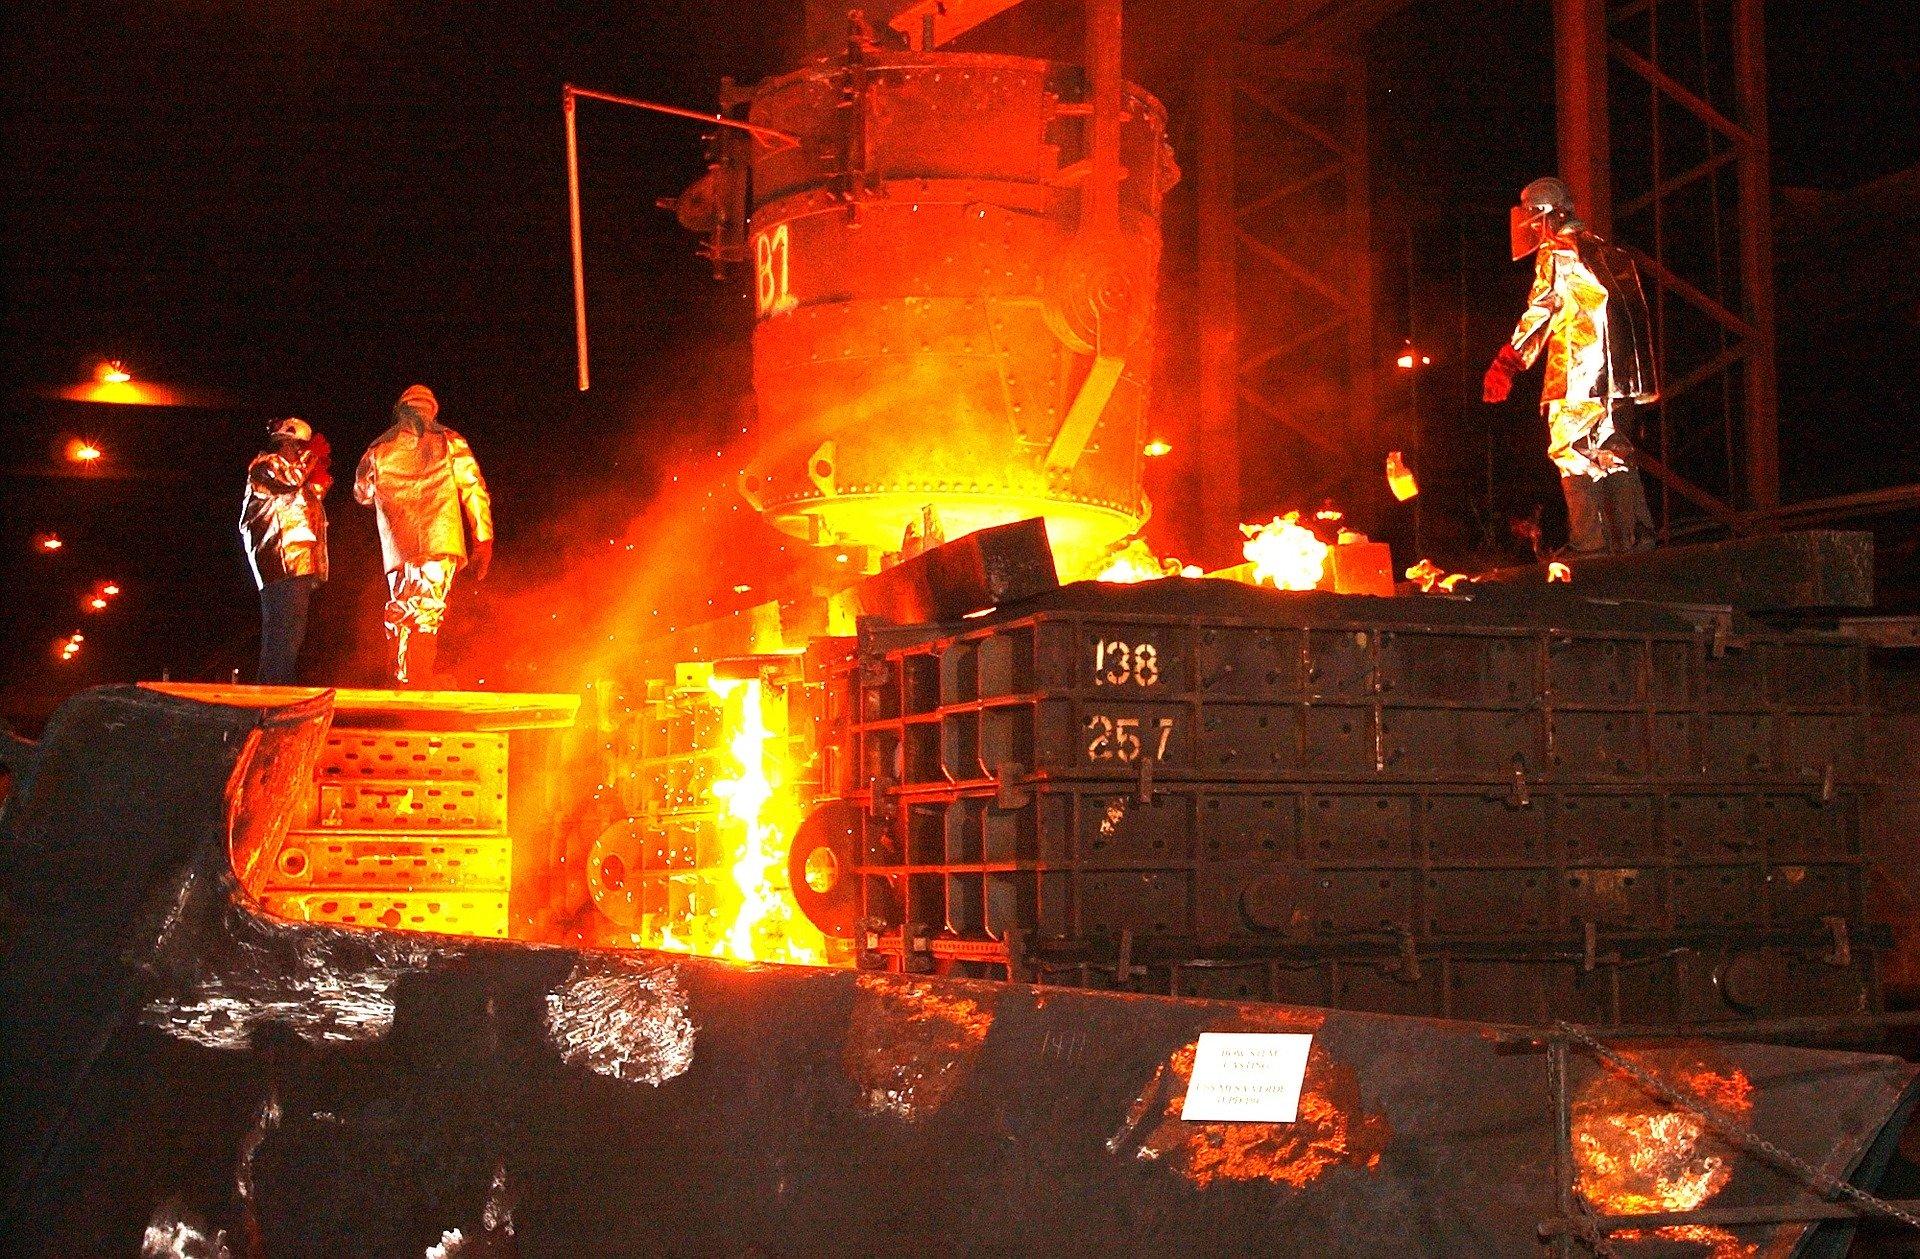 100 Jahre bedeutend für die Stahlgewinnung: Das Siemens-Martin-Verfahren